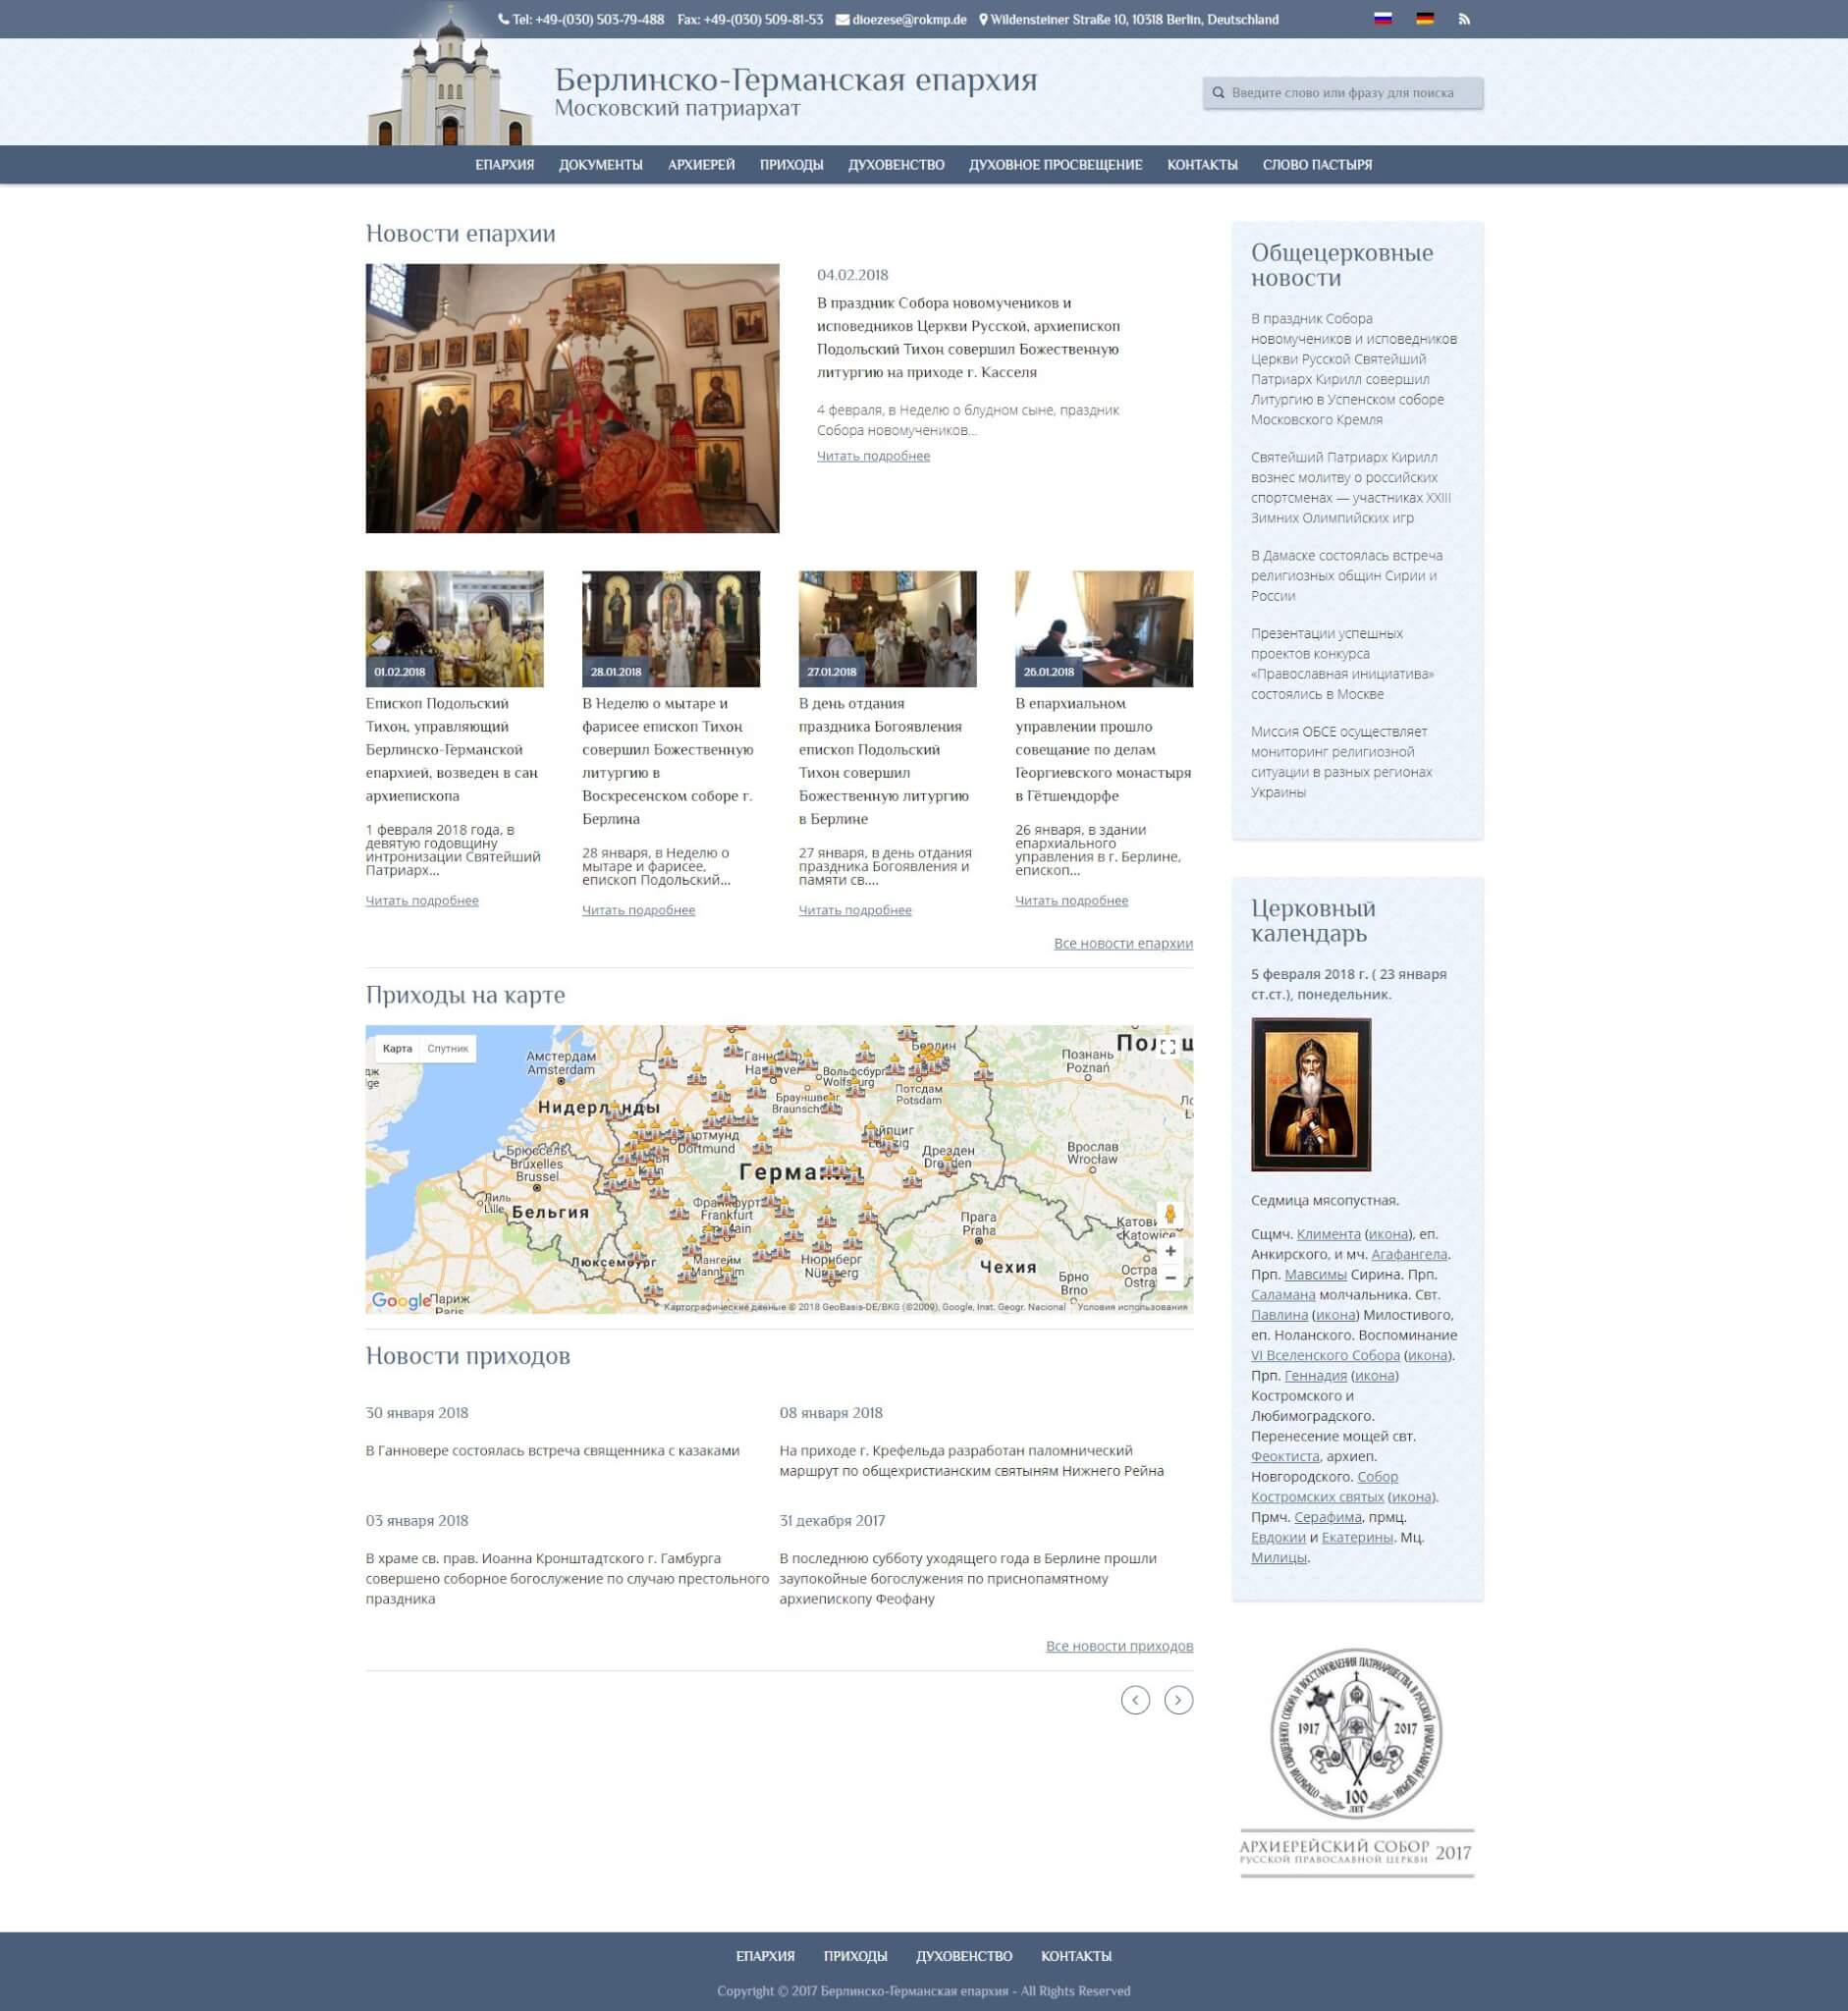 Rokmp — Берлинская епархия Русской Православной Церкви